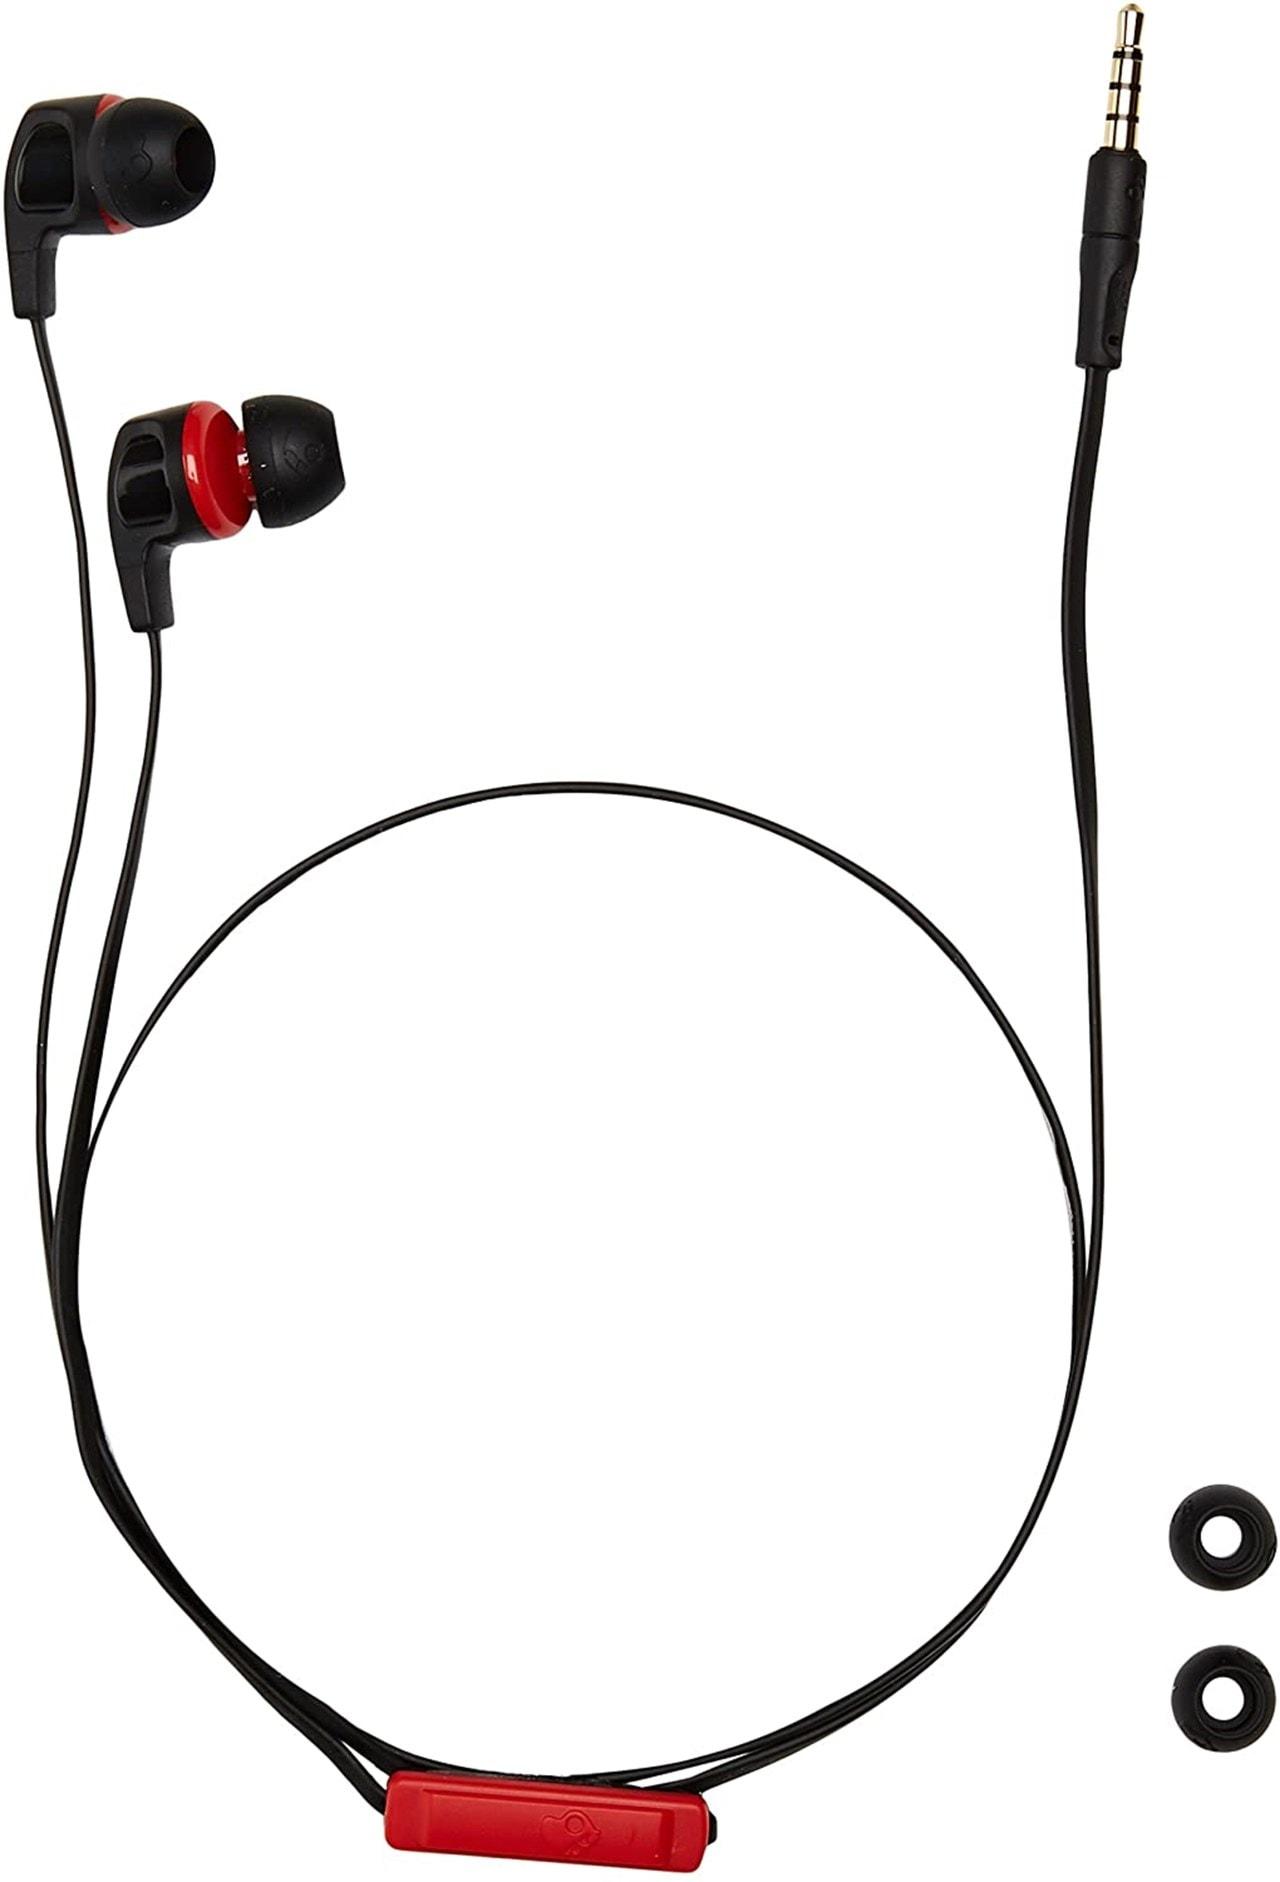 Skullcandy Smokin Buds 2.0 Black/Red Earphones - 2